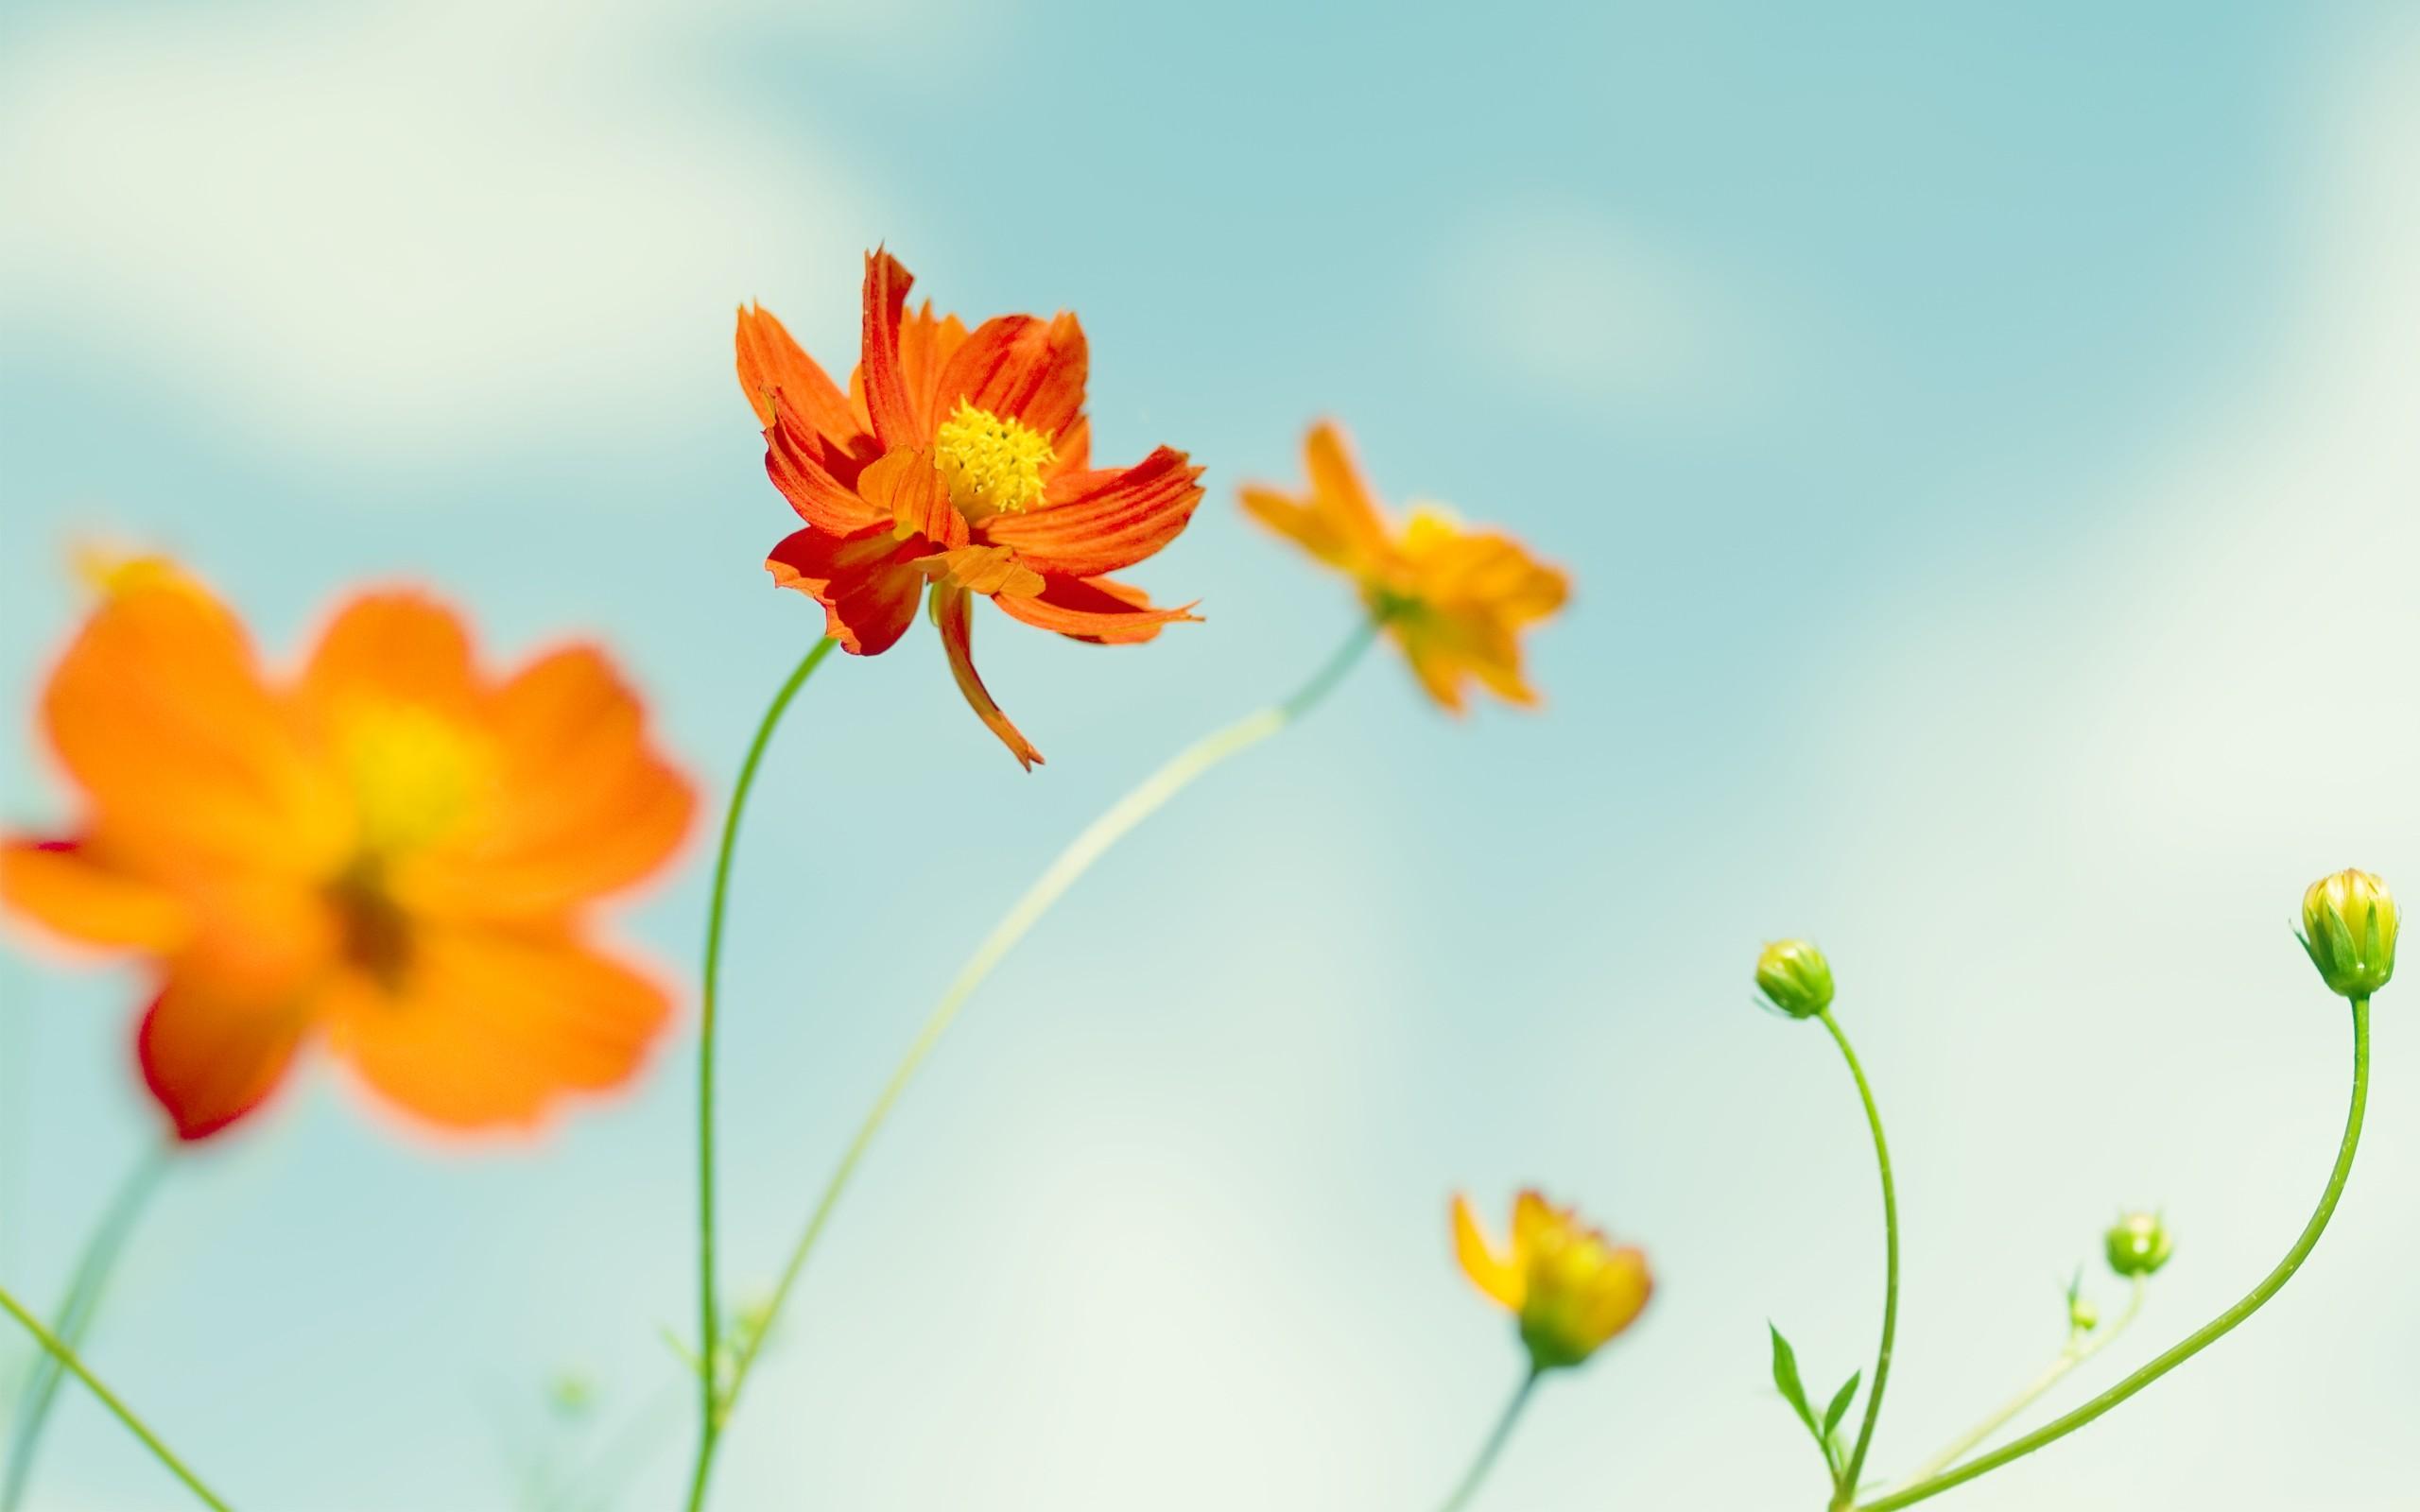 Flor naranja - 2560x1600